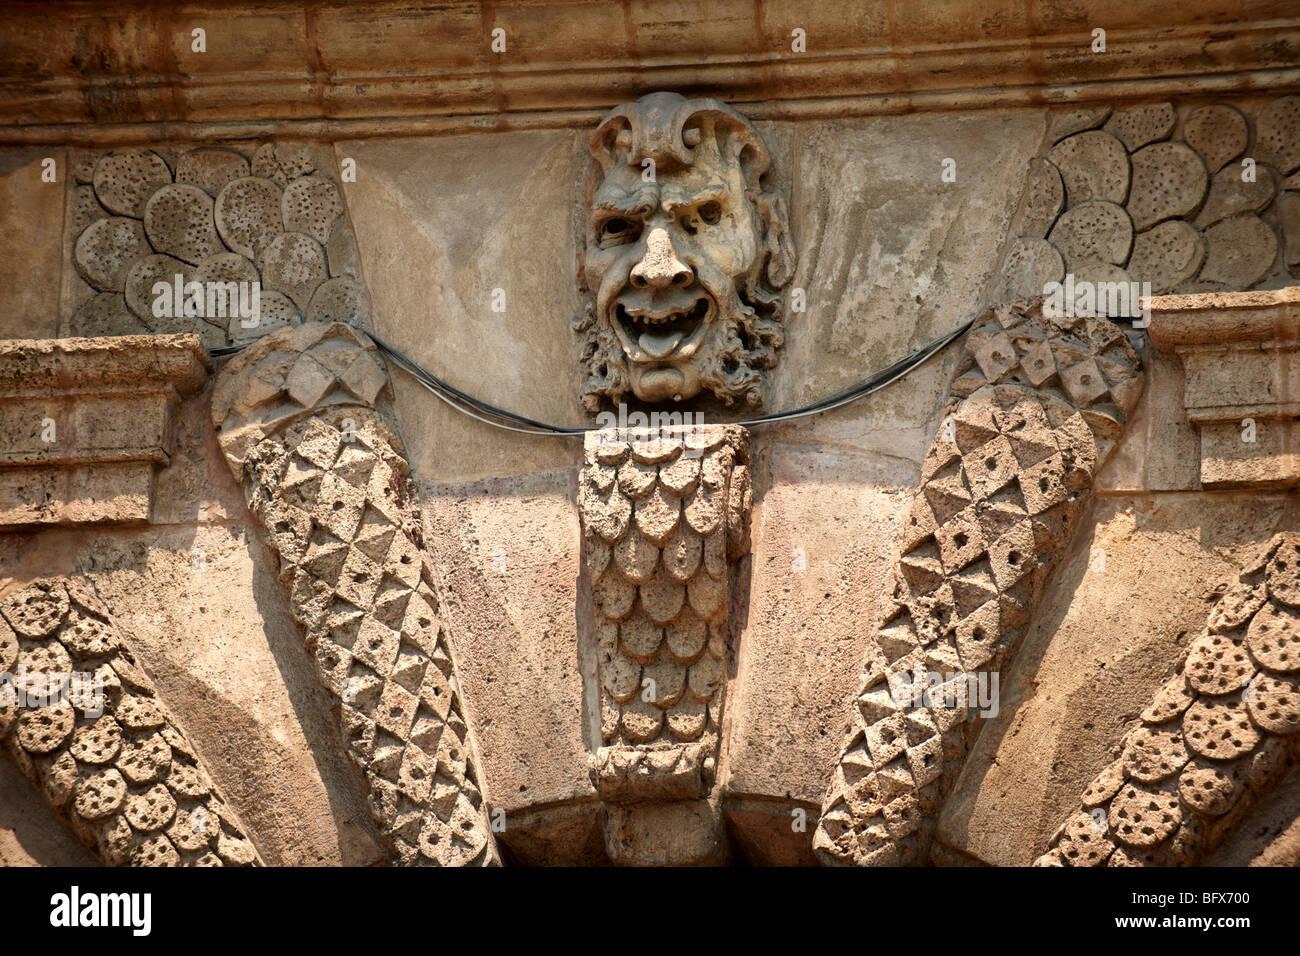 Pota Nuova arch esculturas, la decoración arquitectónica, Palermo, Sicilia Imagen De Stock